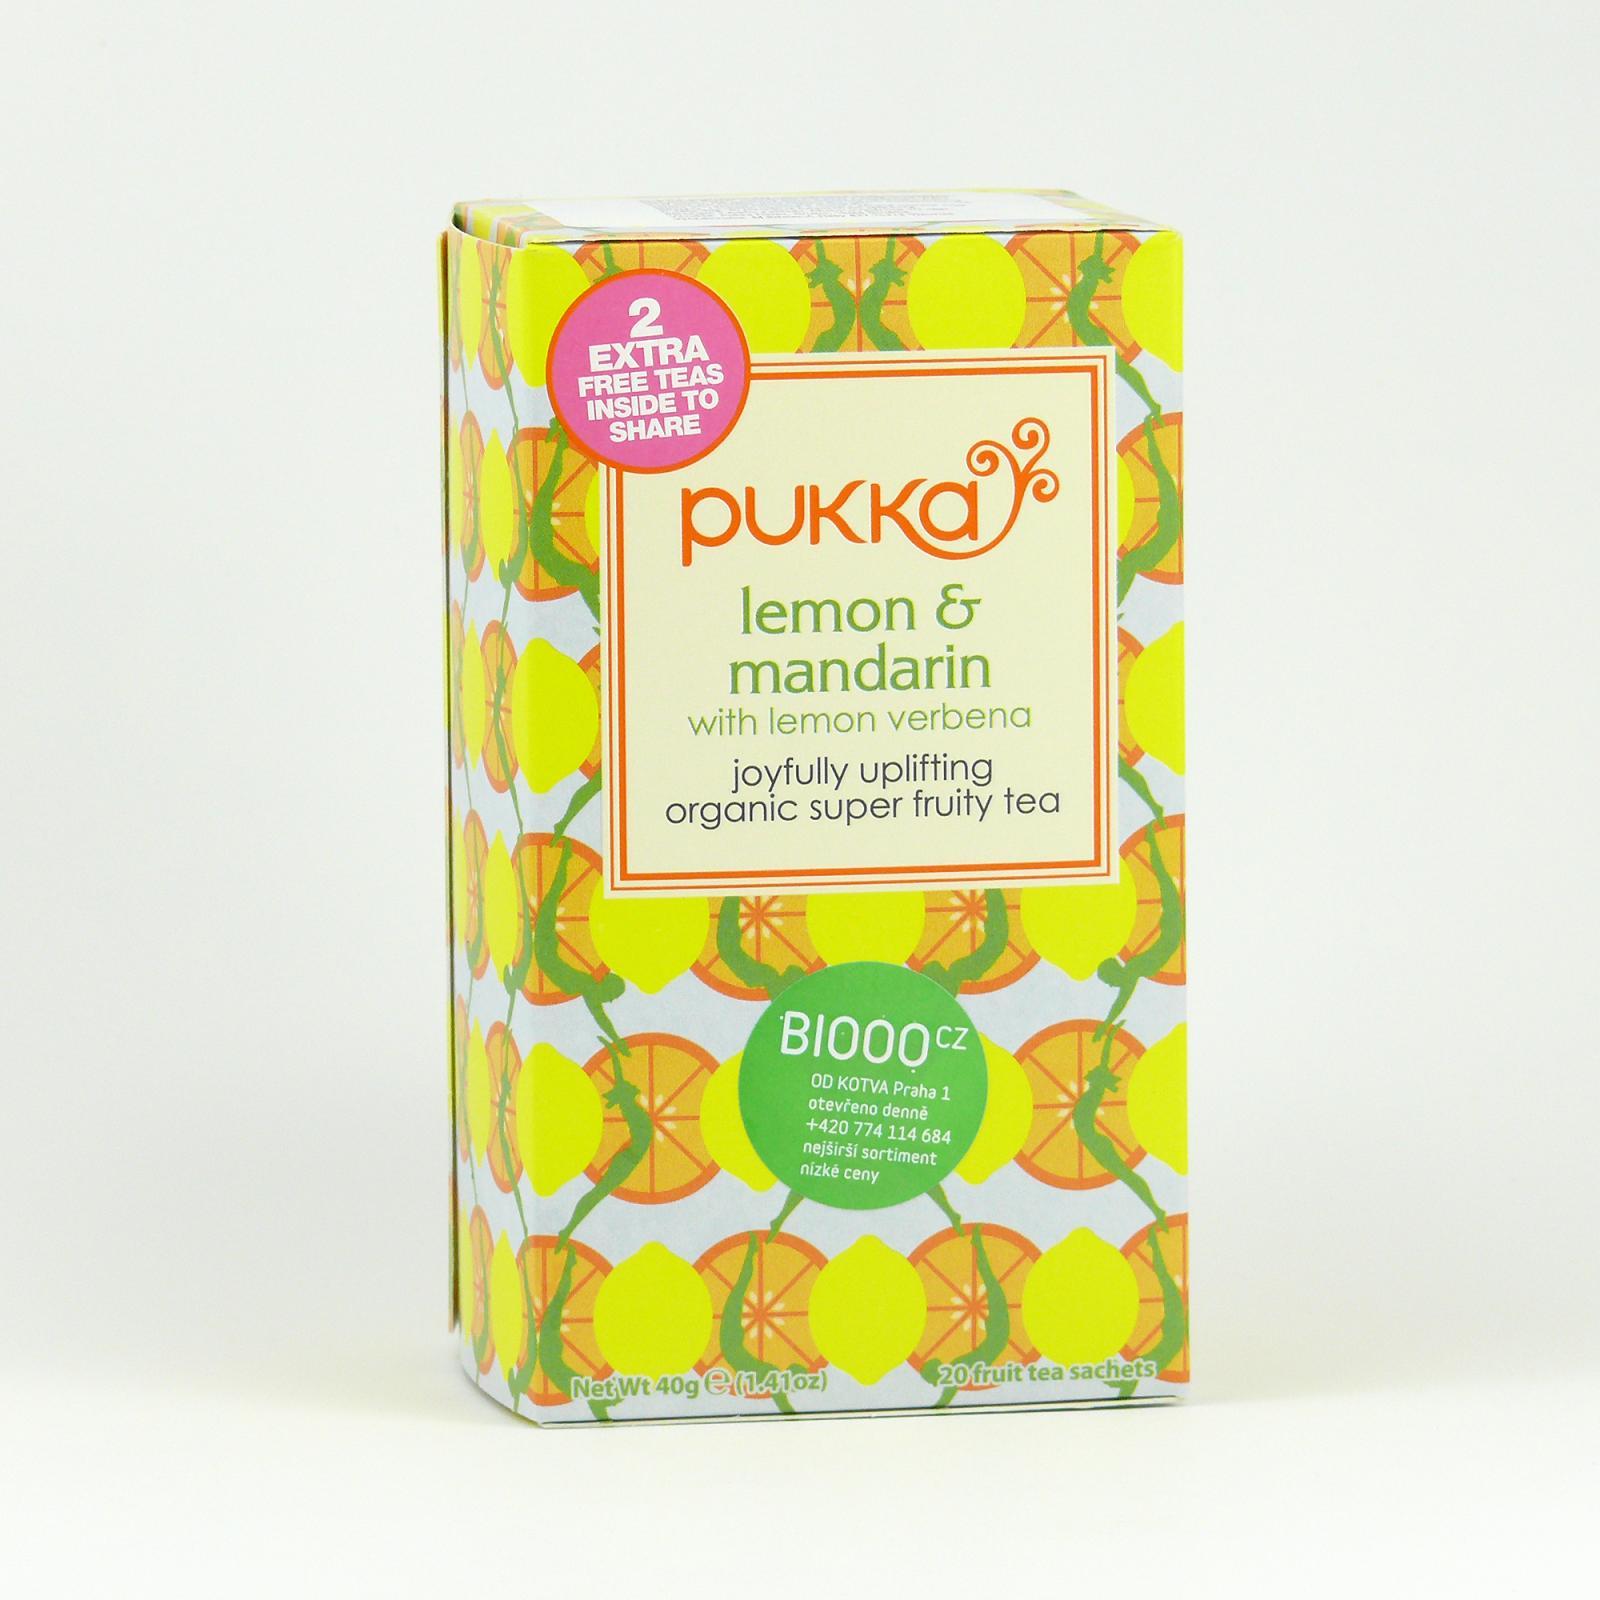 Pukka Čaj ayurvédský Lemon, Mandarin 20 ks, 40 g